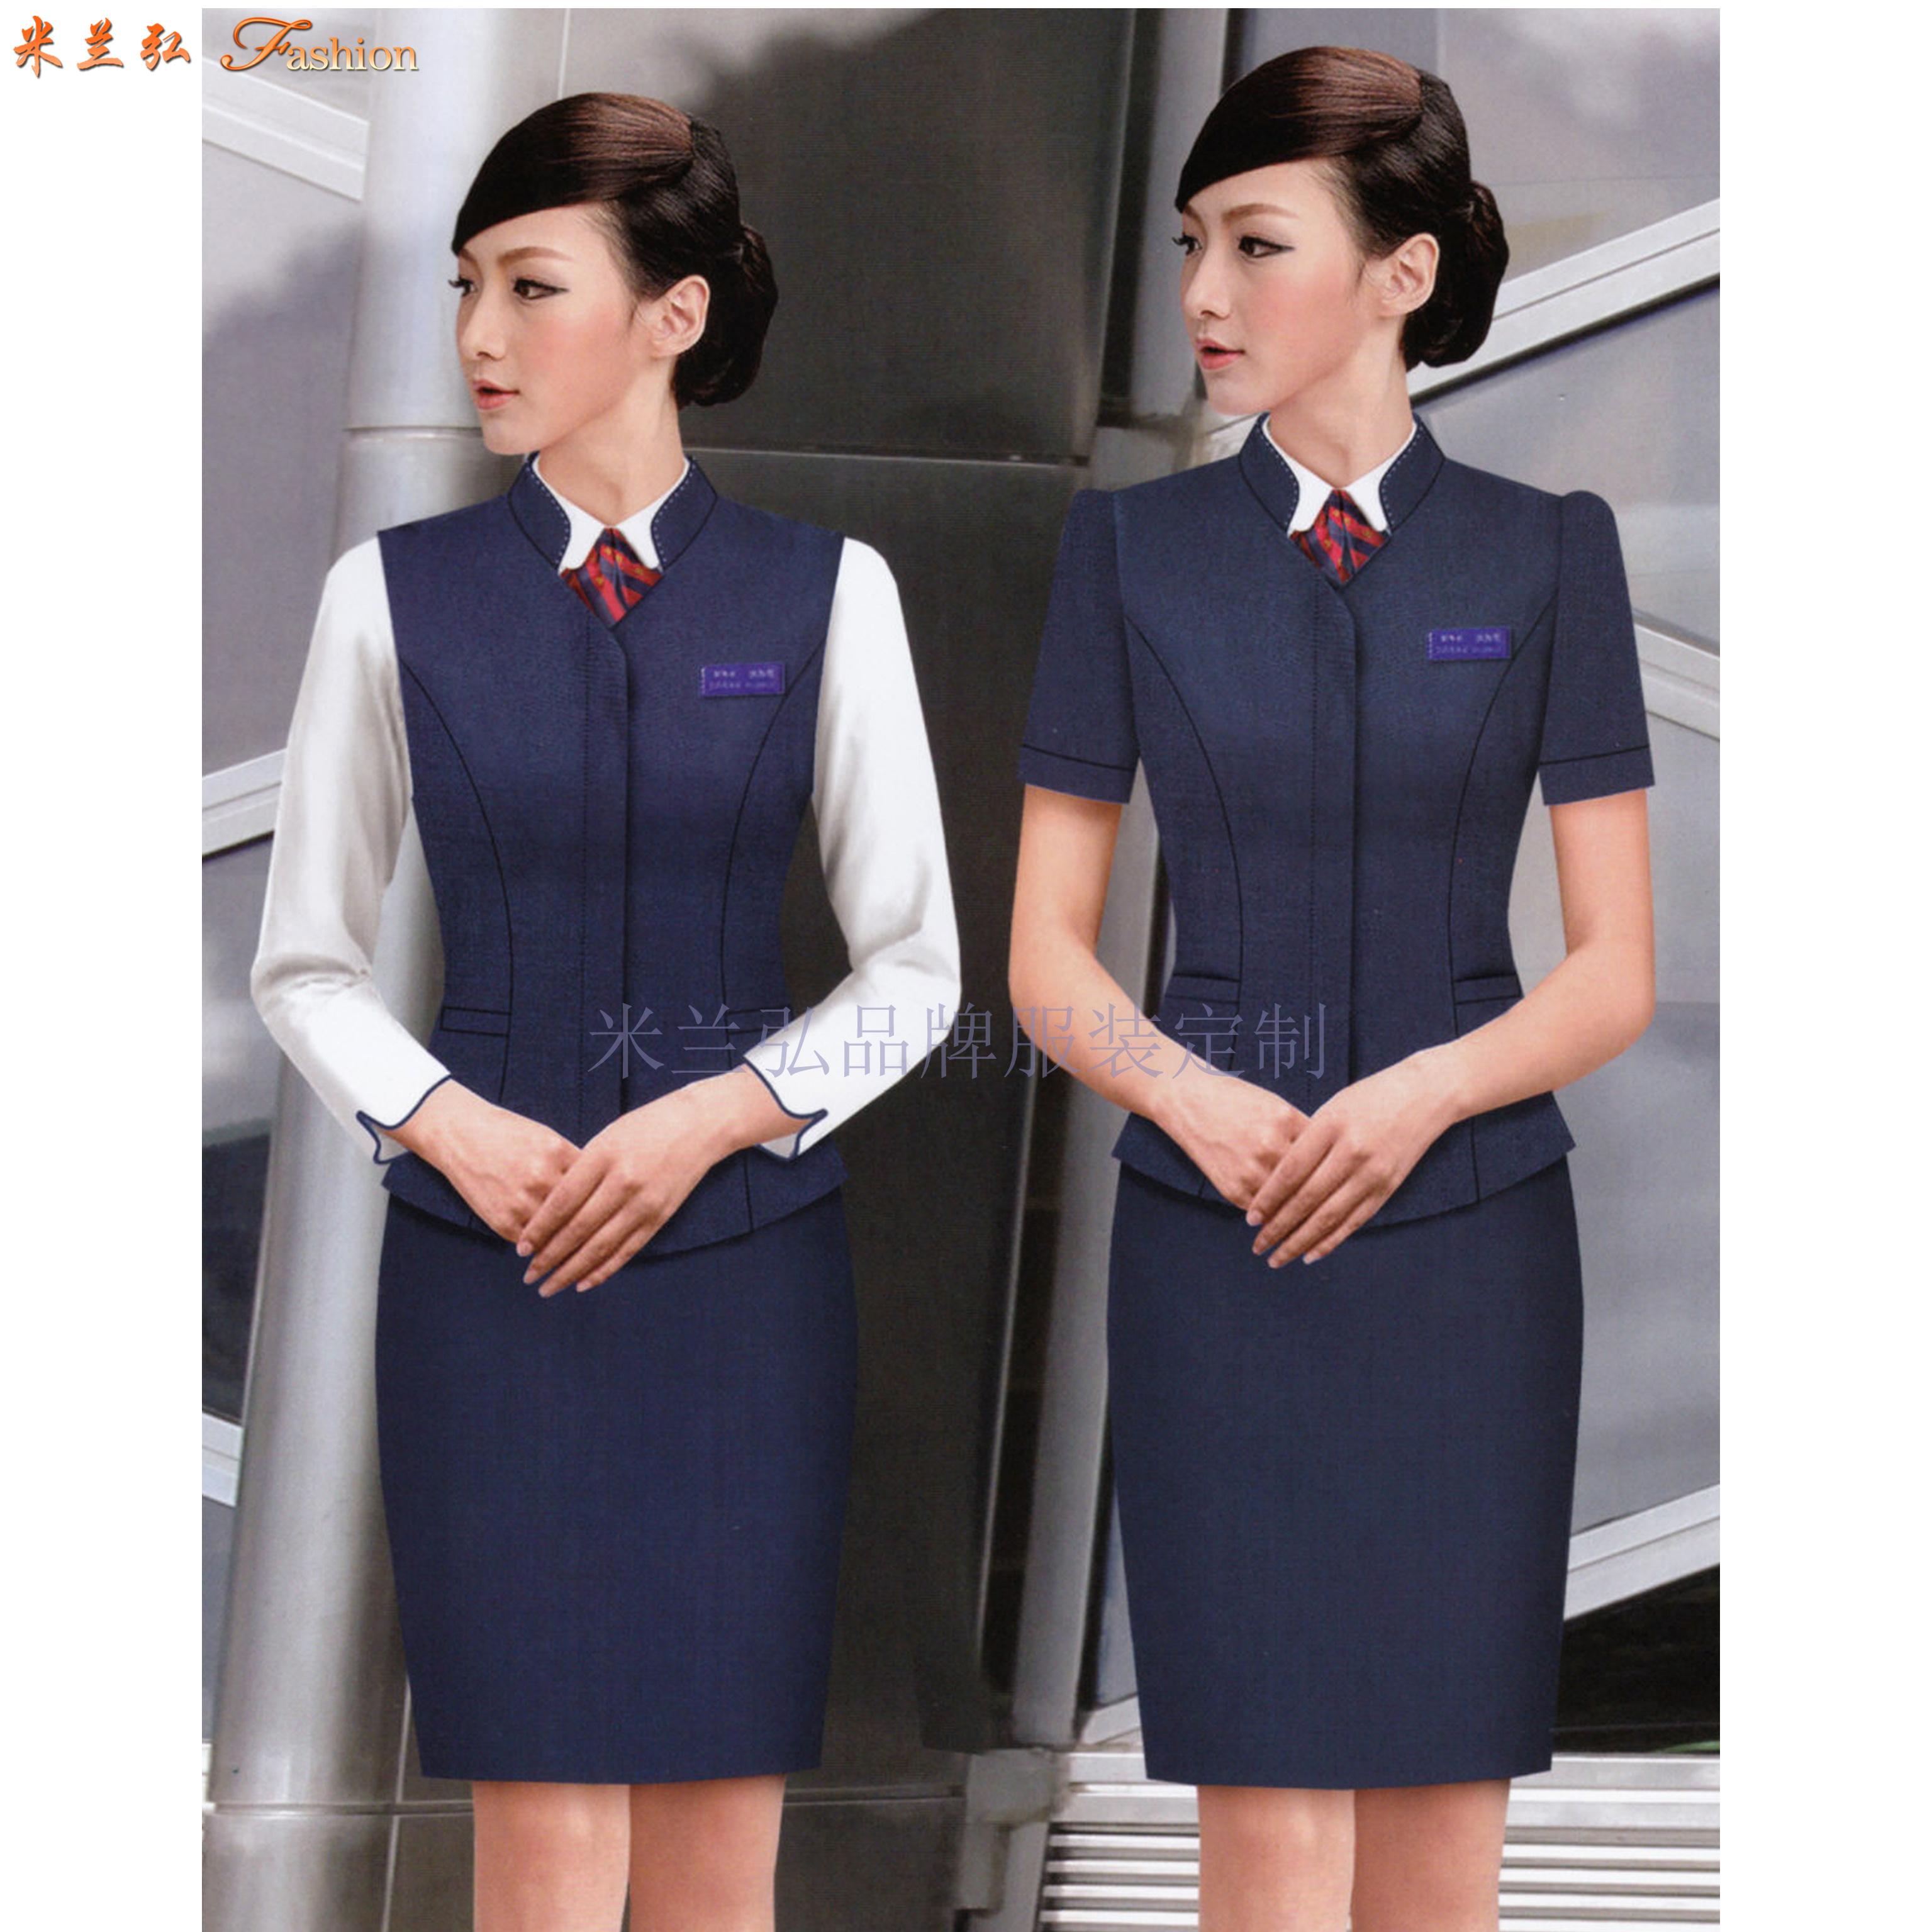 机场工作服-北京大兴国际机场地勤VIP、客服职业装量身定做-3